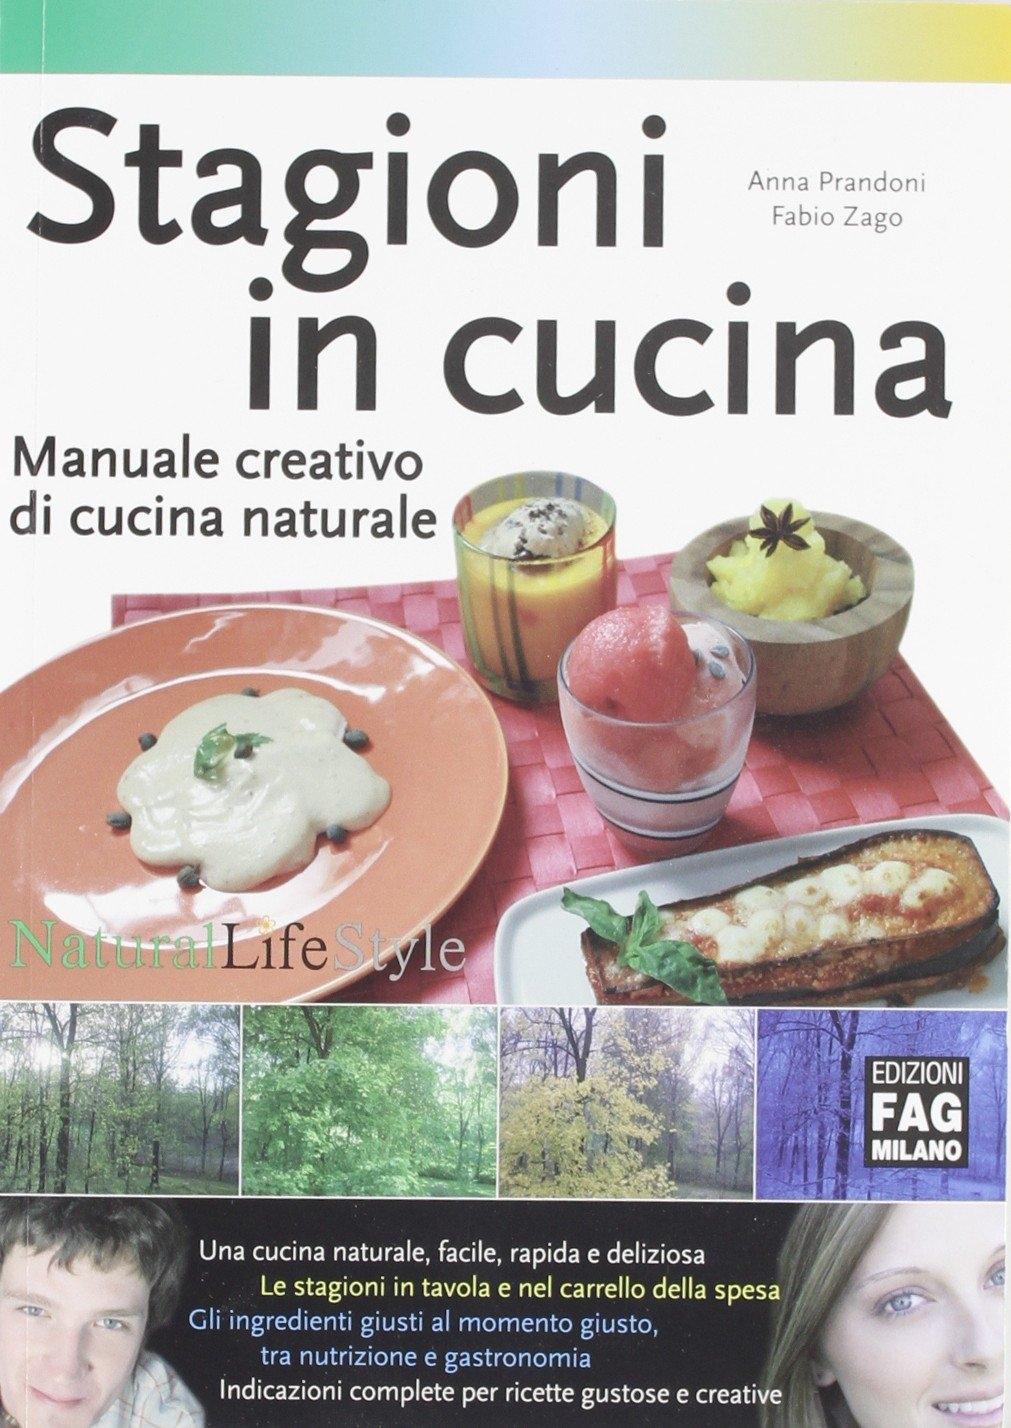 Bundle. Colori in cucina. Stagioni in cucina